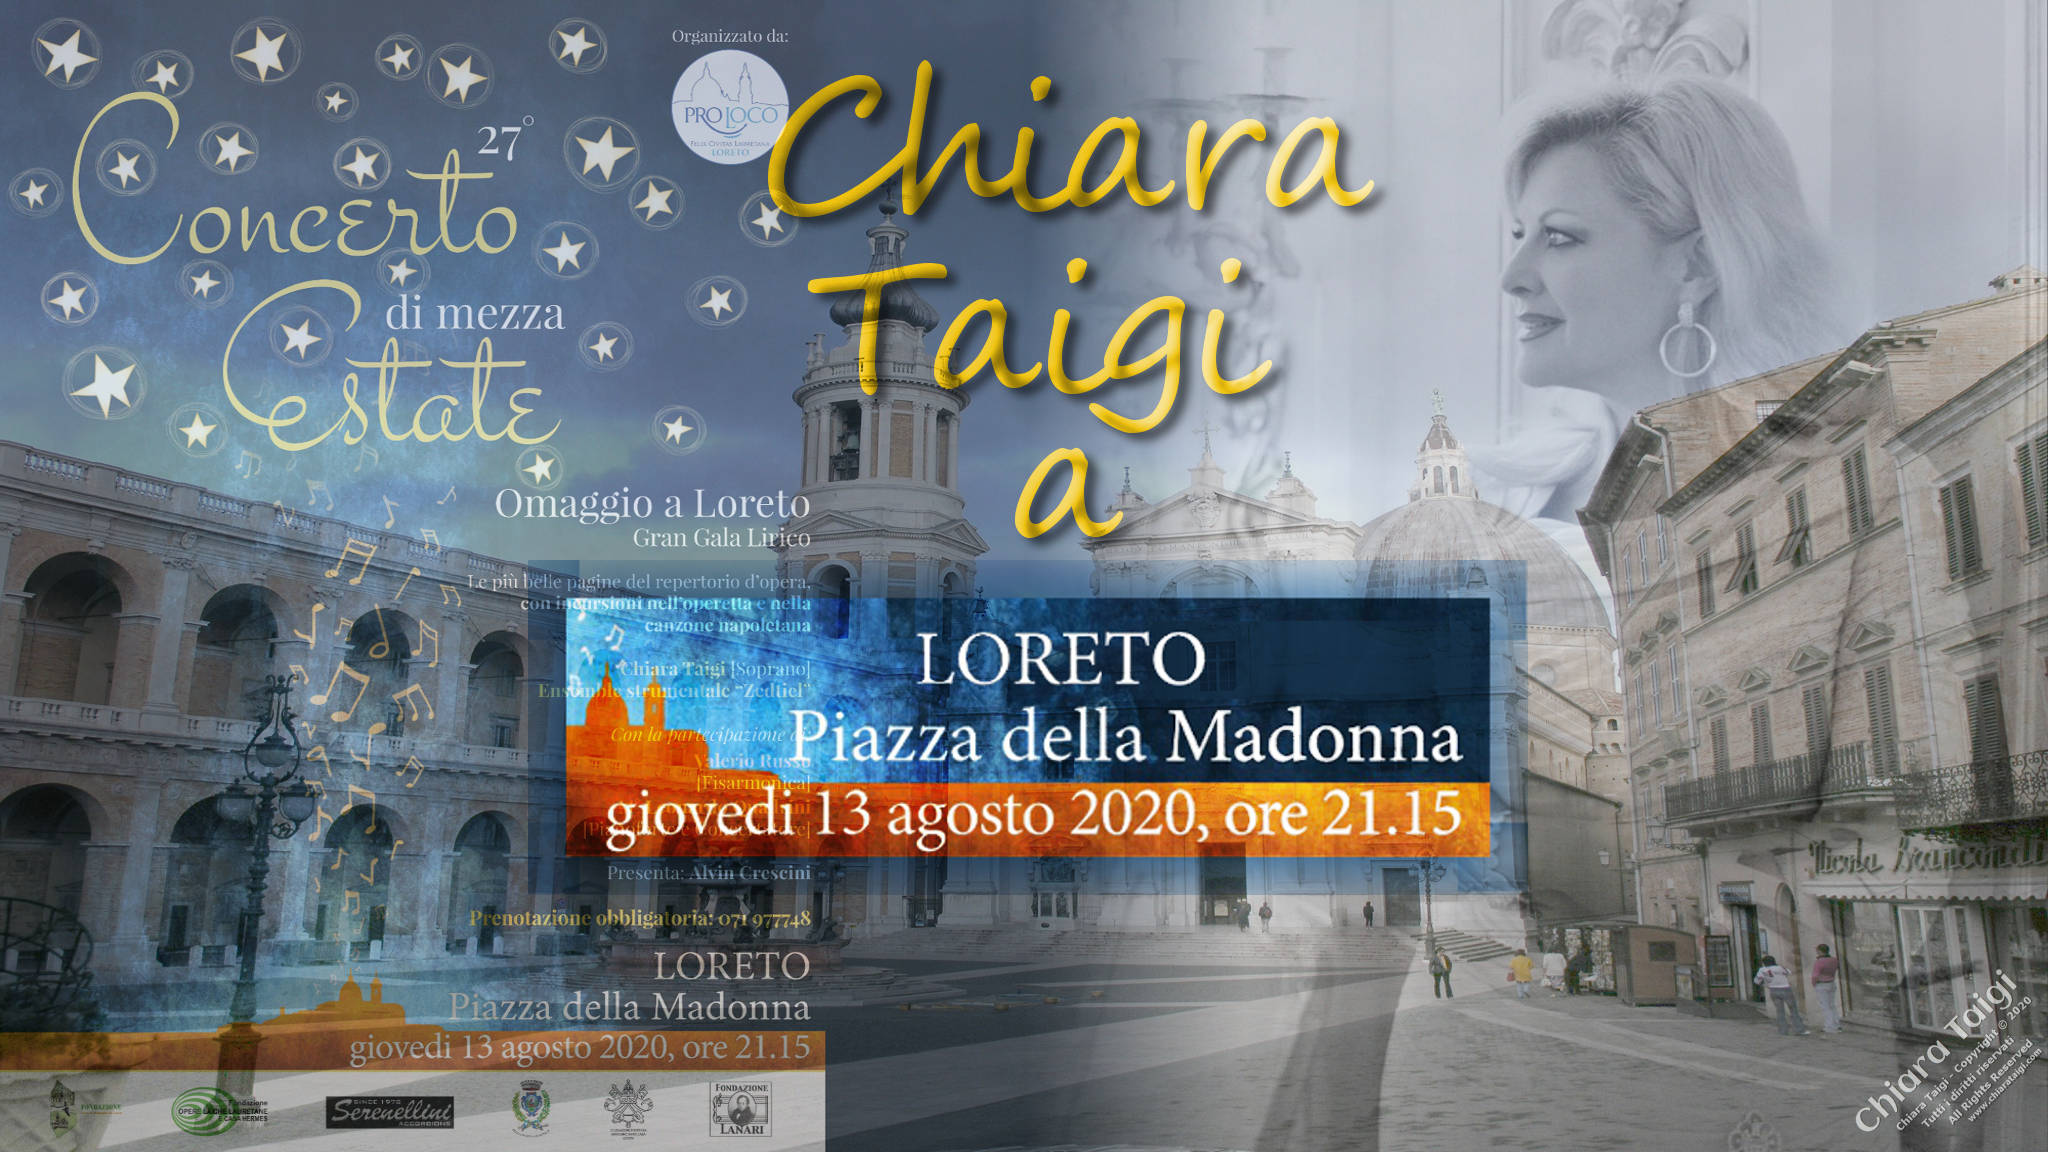 CHIARA TAIGI in Concerto Di Mezza Estate - 13 Agosto 2020 - Omaggio a Loreto